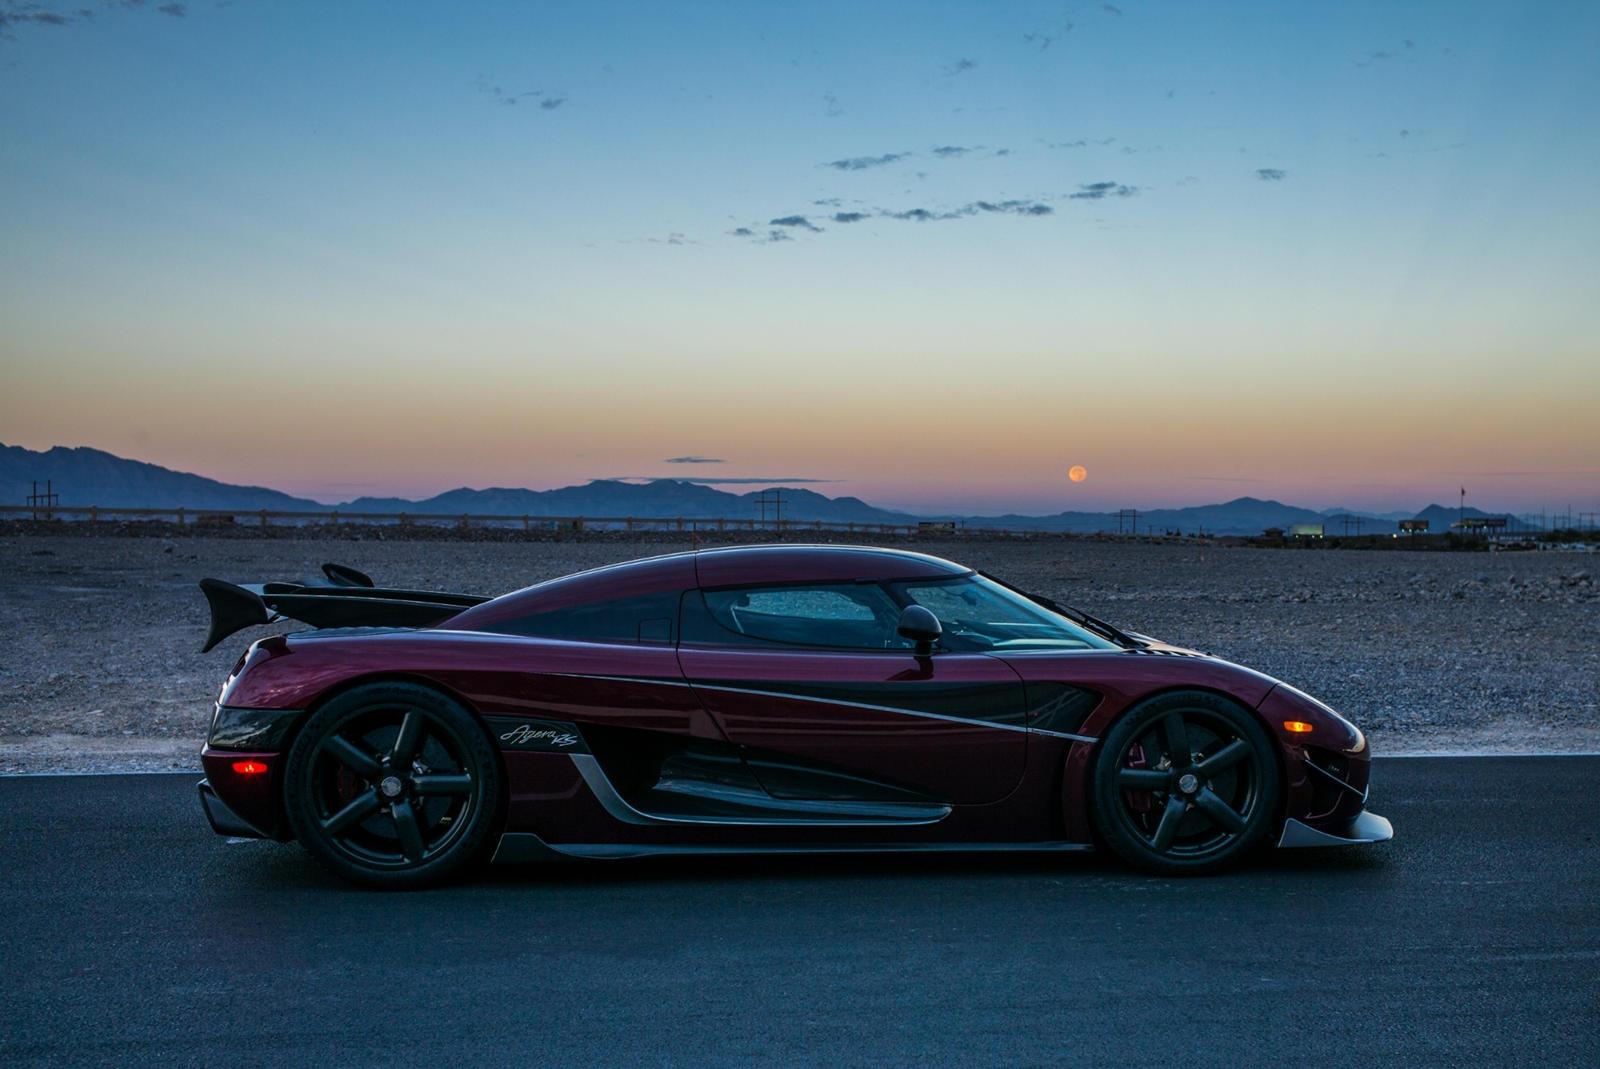 Все мы знаем, что Bugatti умеет устанавливать рекорды максимальной скорости. Во-первых, Veyron побил рекорд, ранее установленный SSC Ultimate Aero. Agera RS от Koenigsegg свергла Veyron до того, как версия Chiron Super Sport побила новый рекорд. Зате